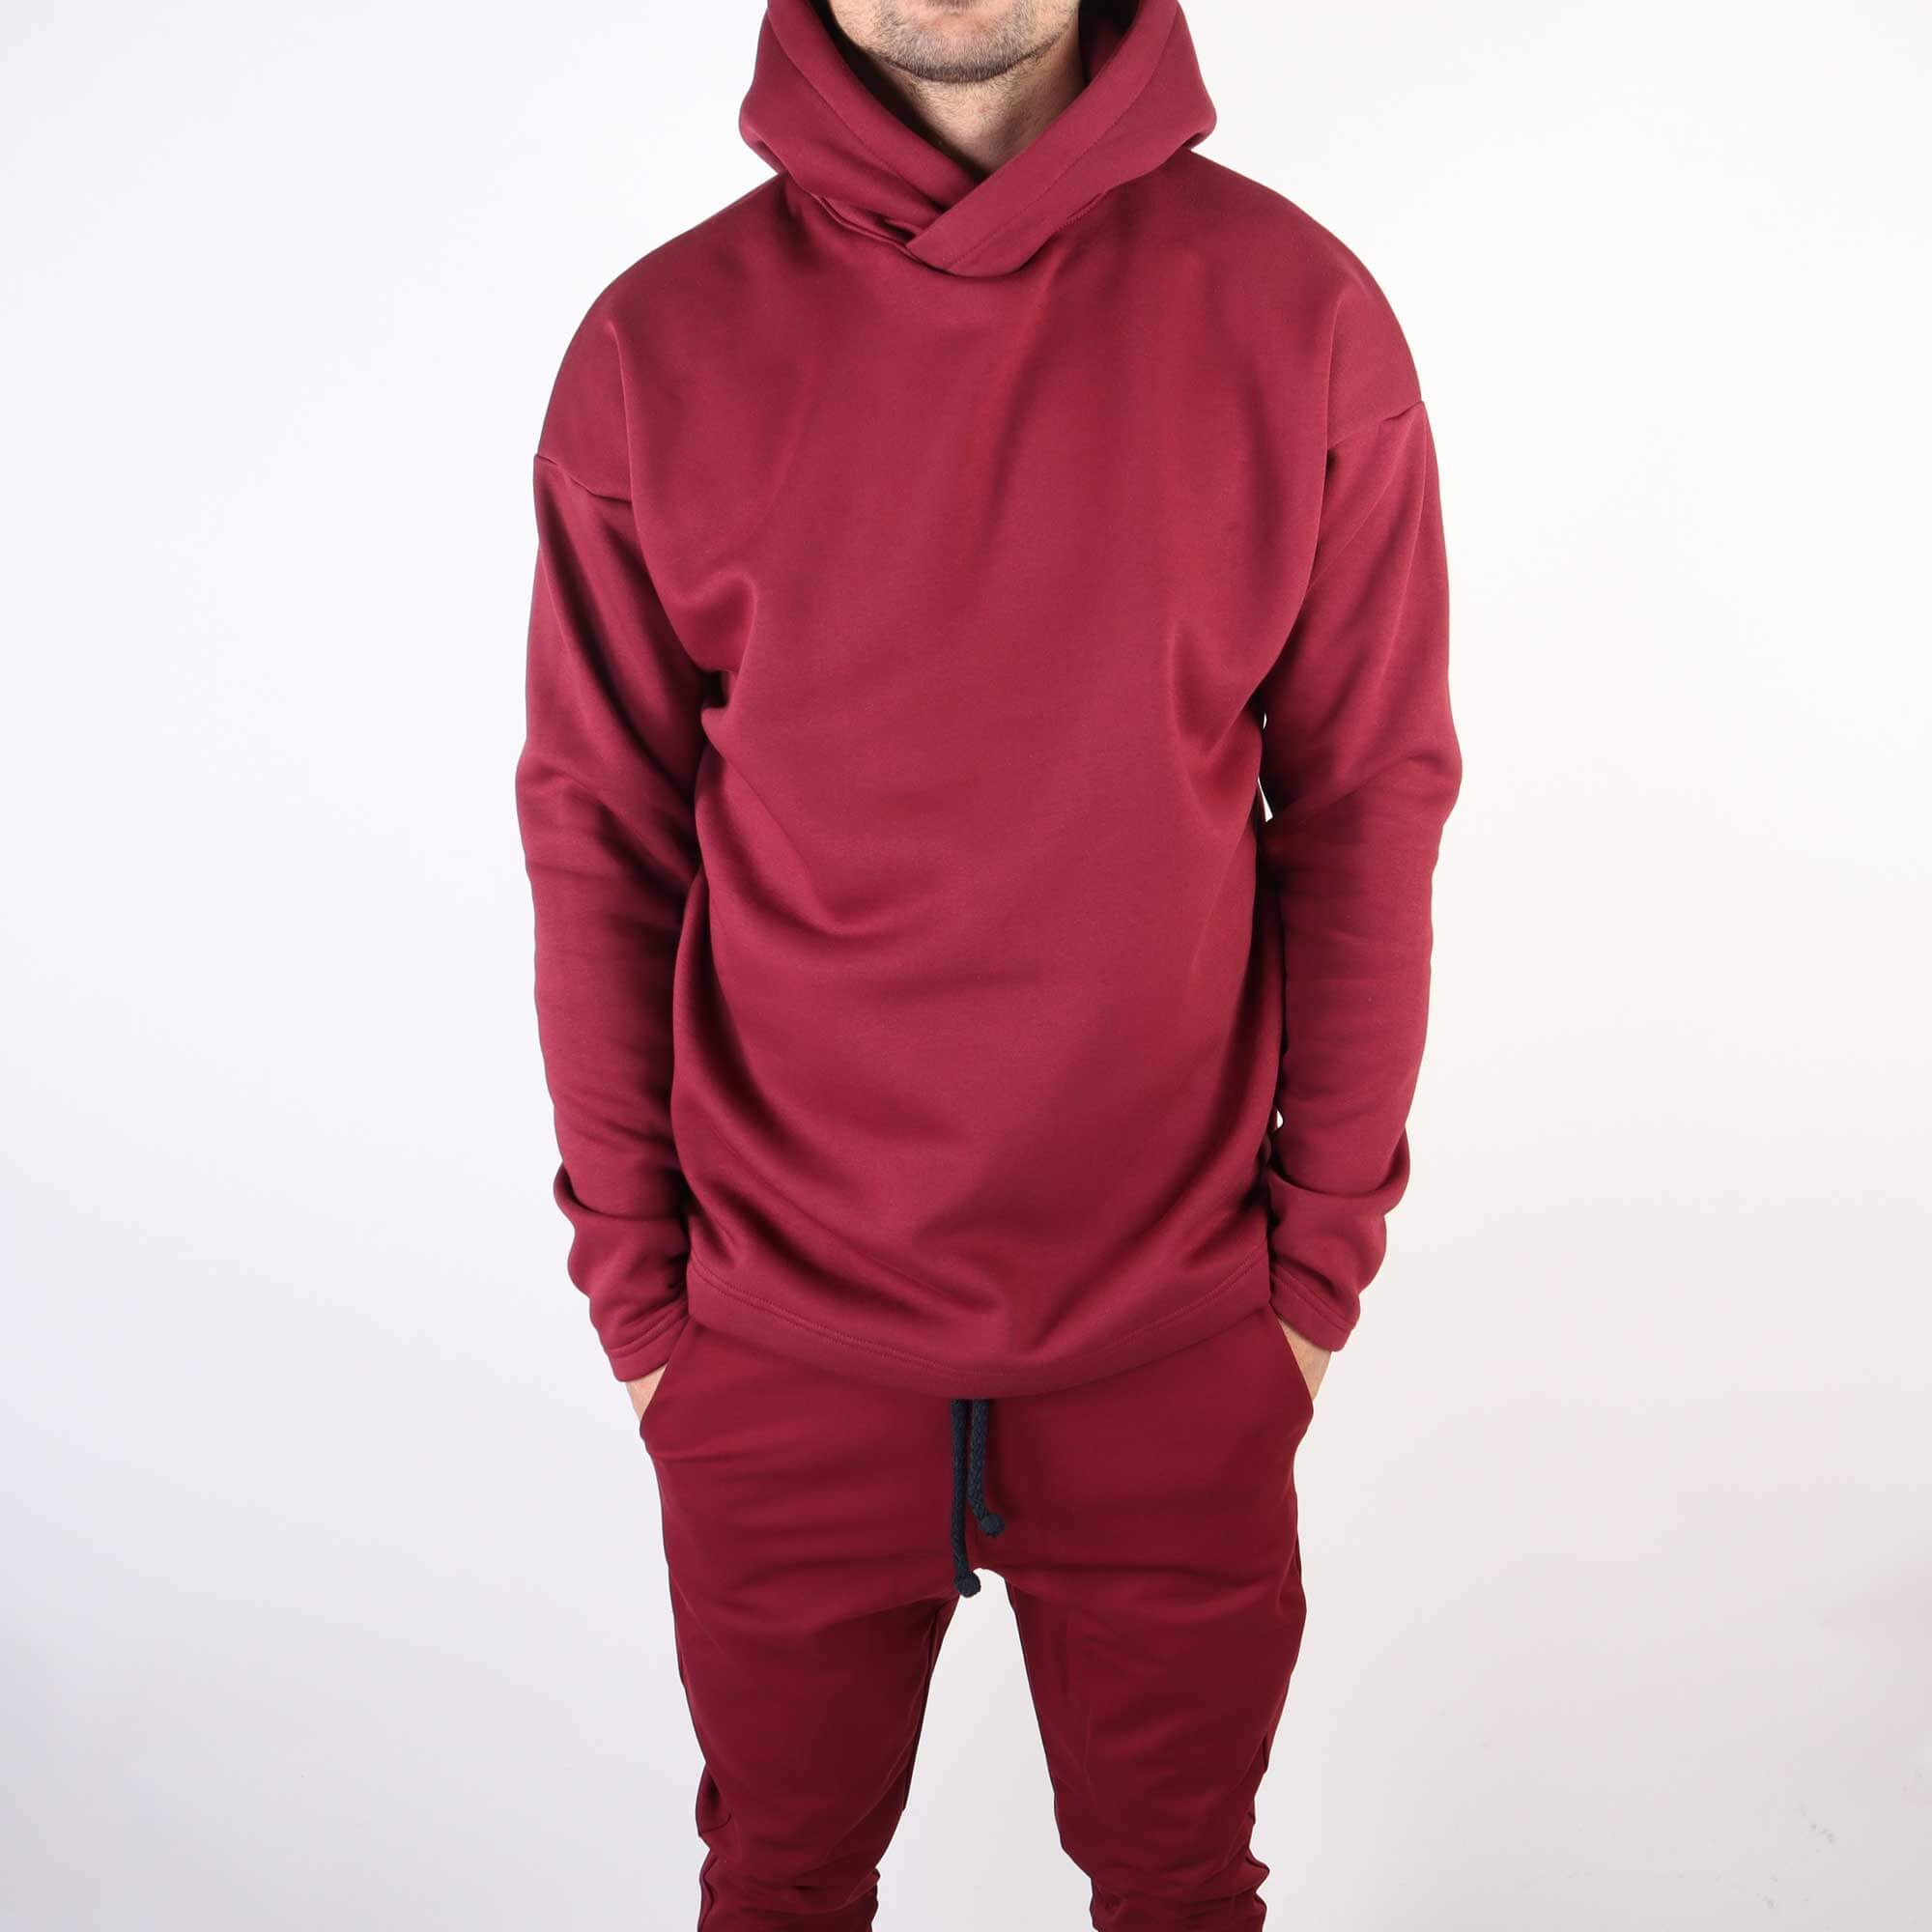 hoodie-rood-4